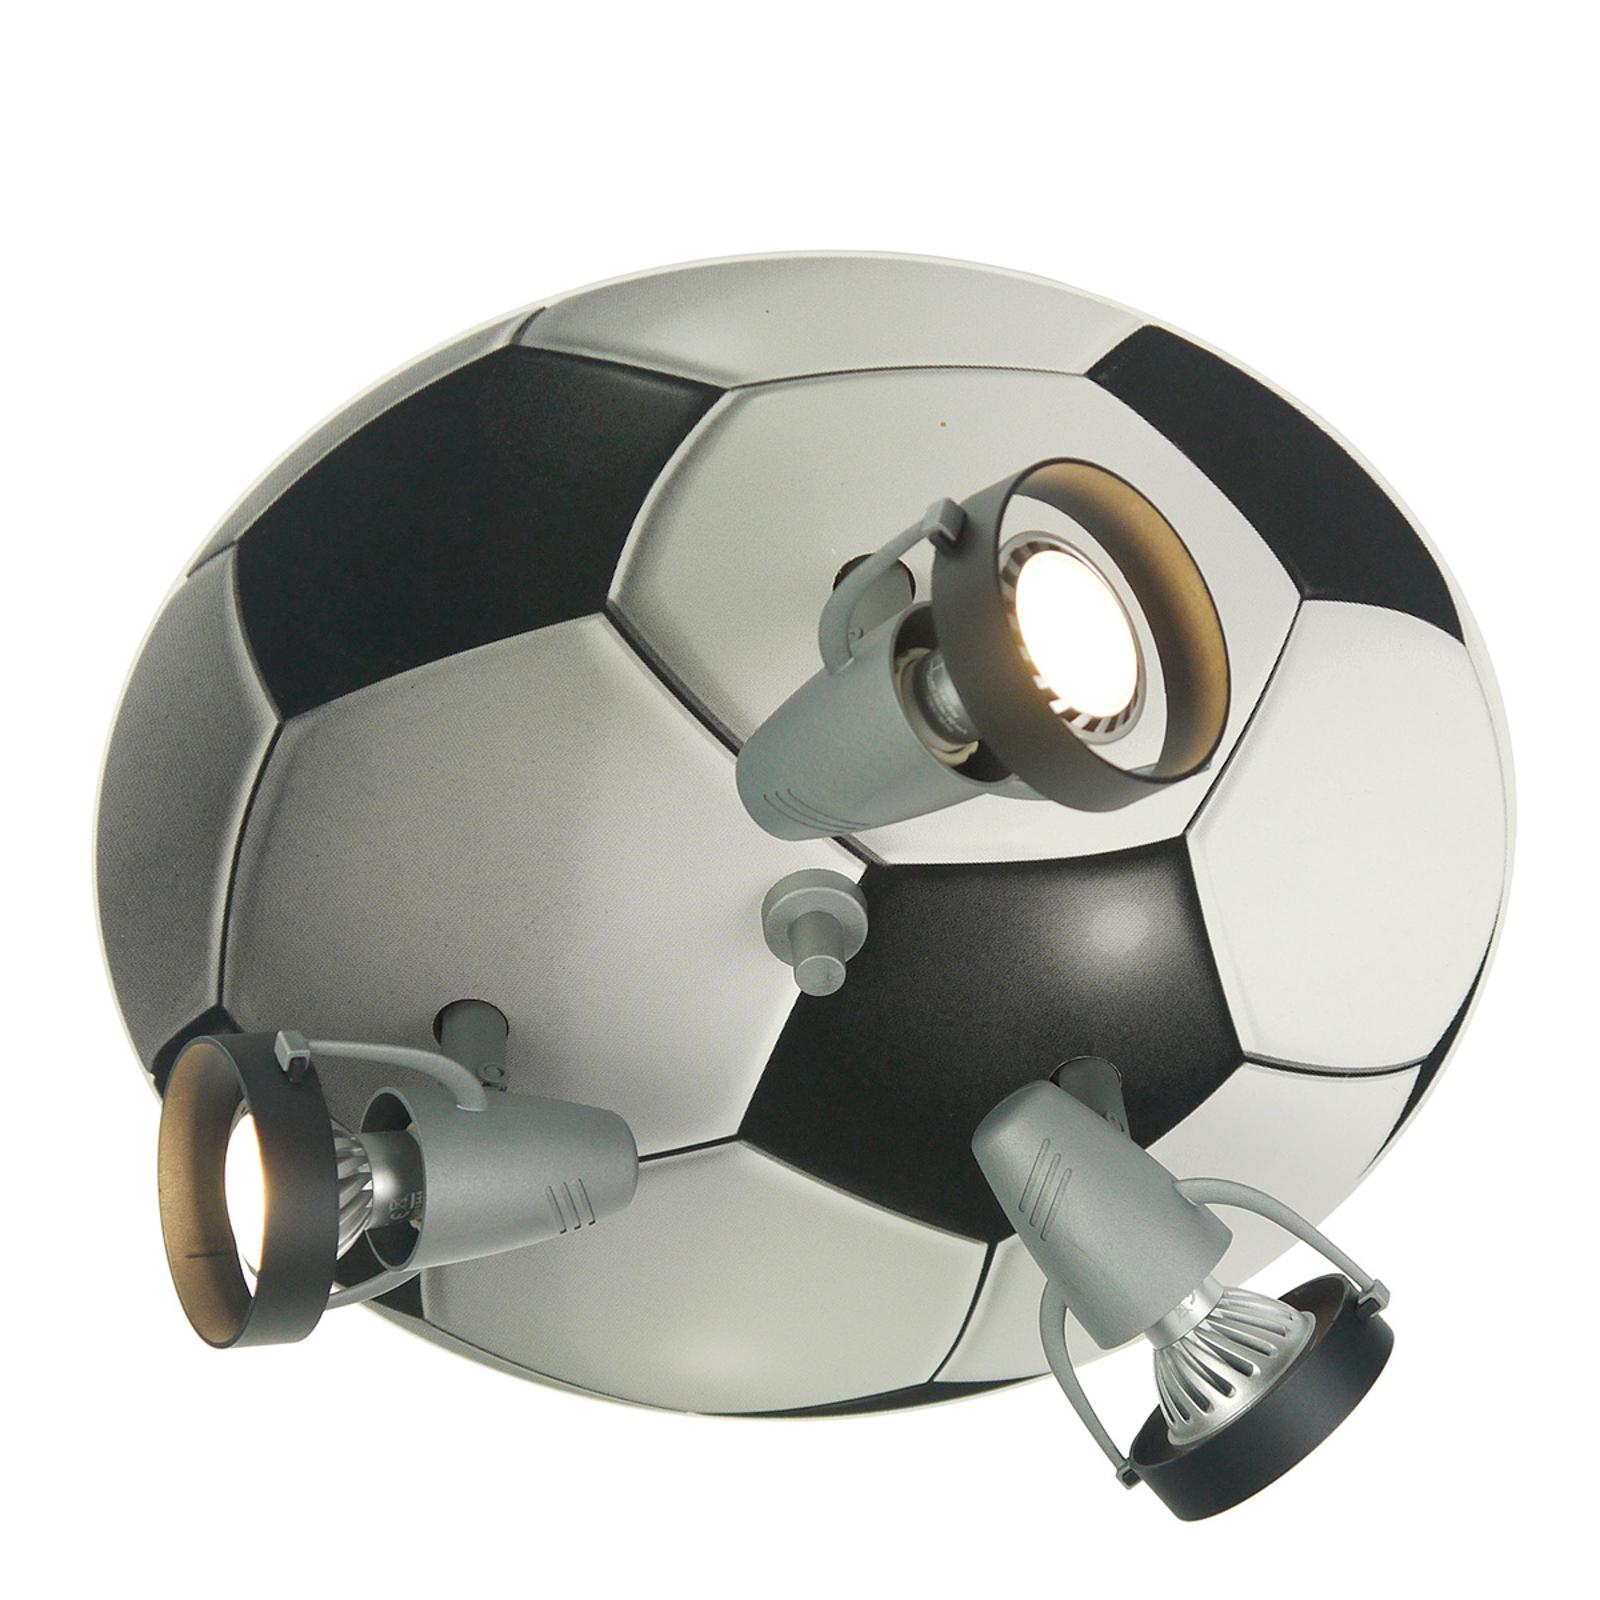 Taklampa Fotboll